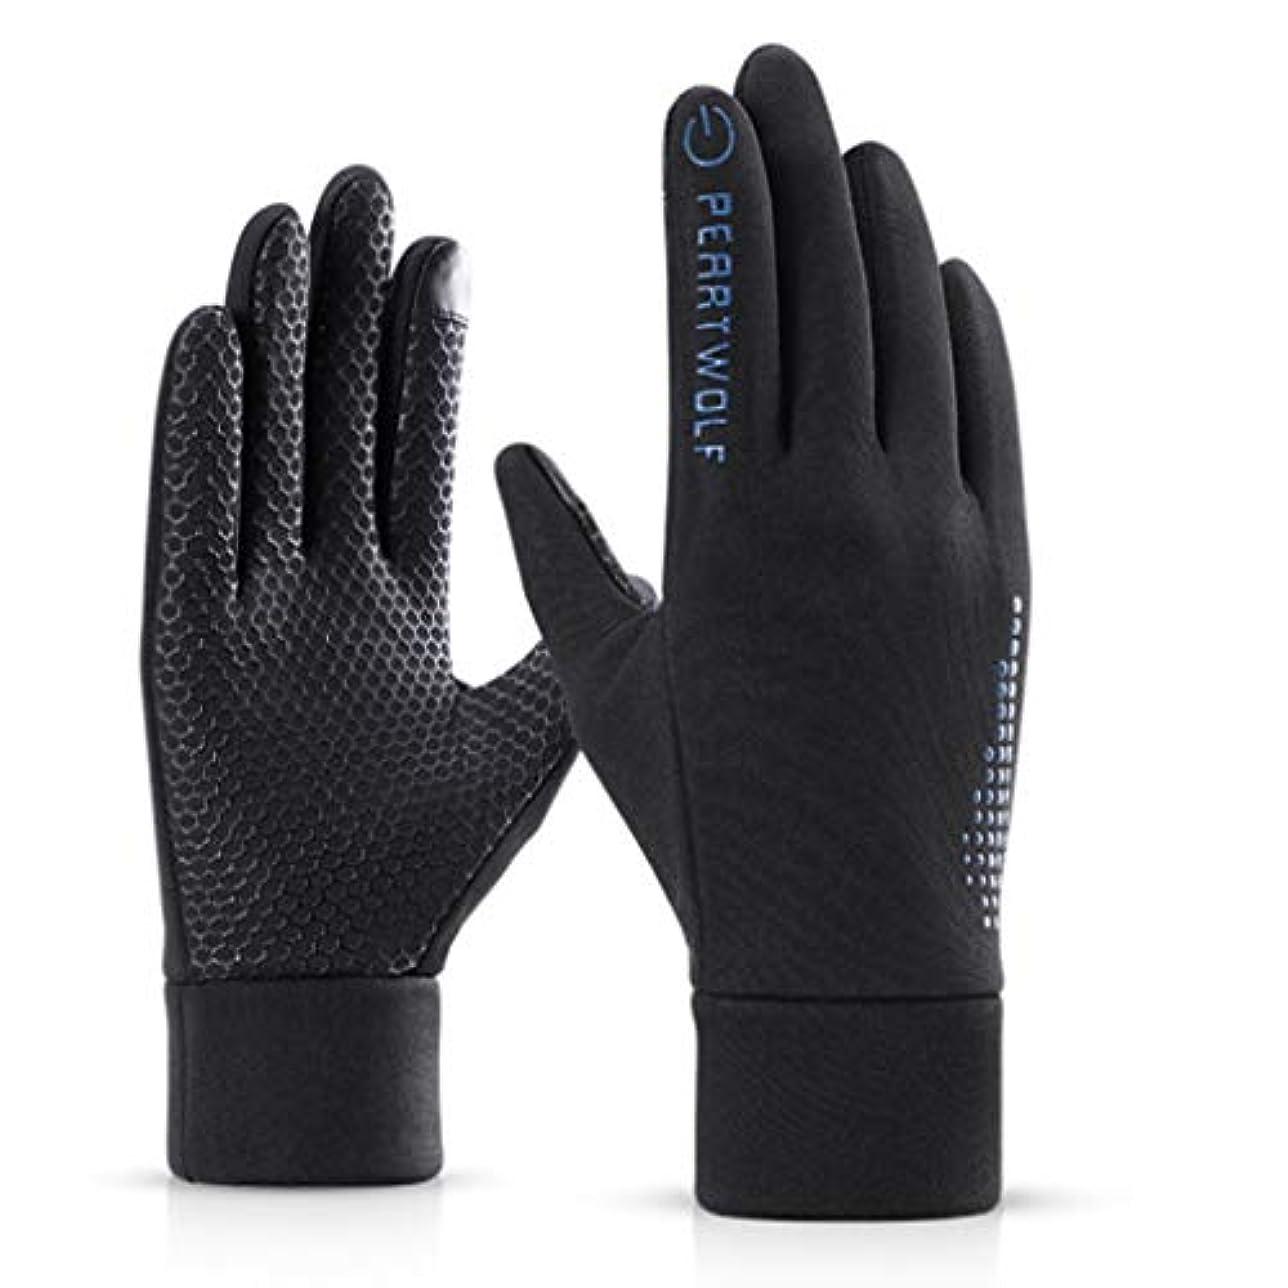 元に戻す透けるツイン手袋男性の冬のライディングプラスベルベット暖かい防風冷たい韓国人の学生のタッチスクリーンスポーツメンズ手袋